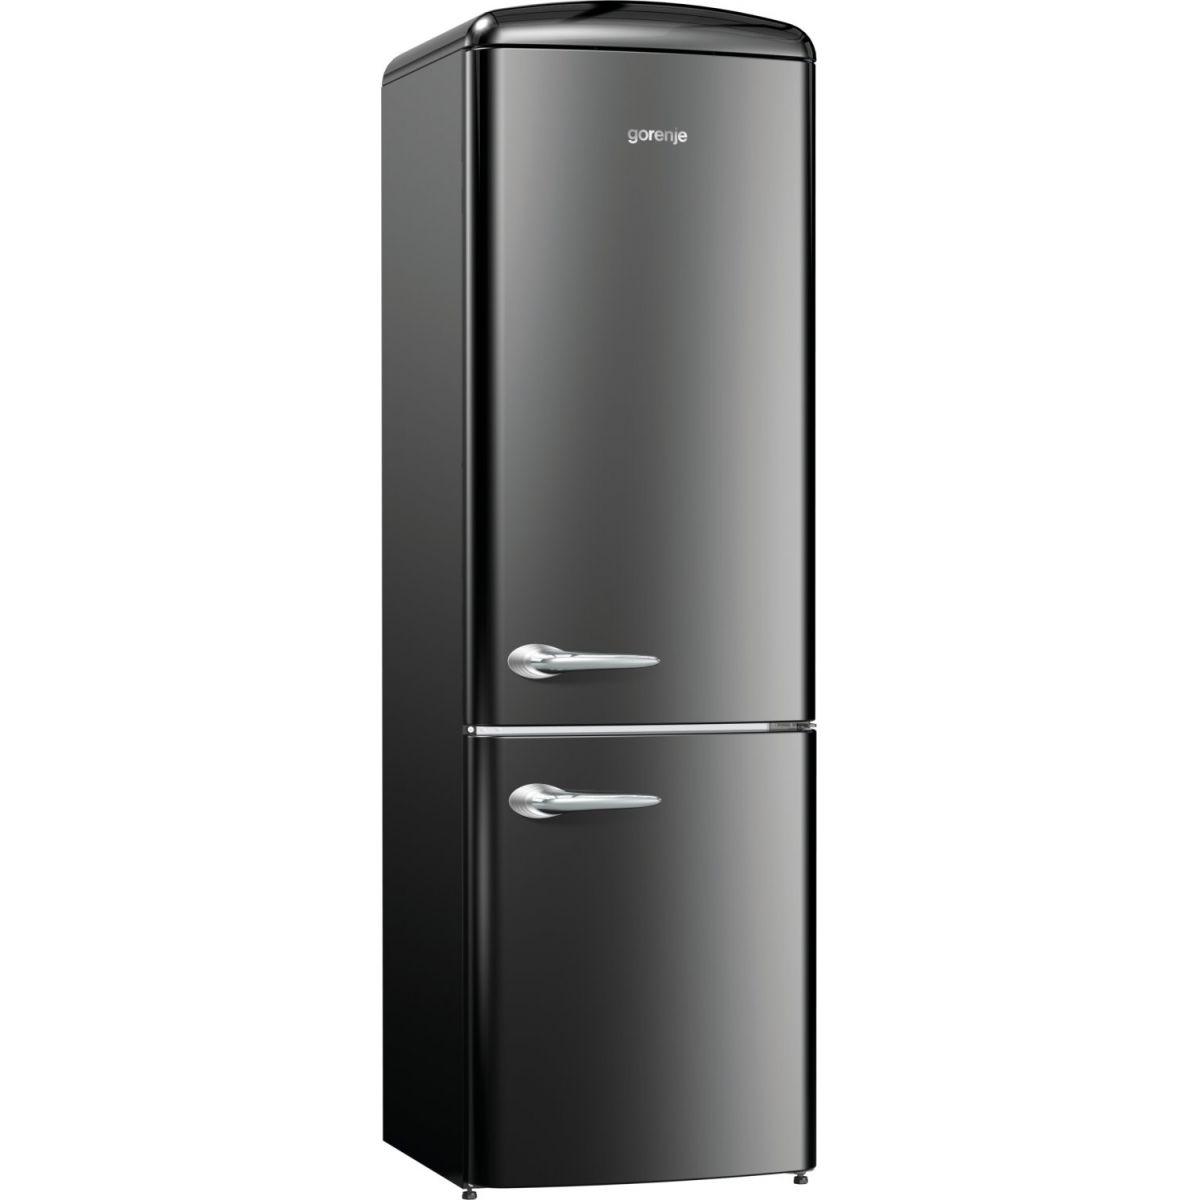 refrigerador retr collection onrk192bk gorenje. Black Bedroom Furniture Sets. Home Design Ideas